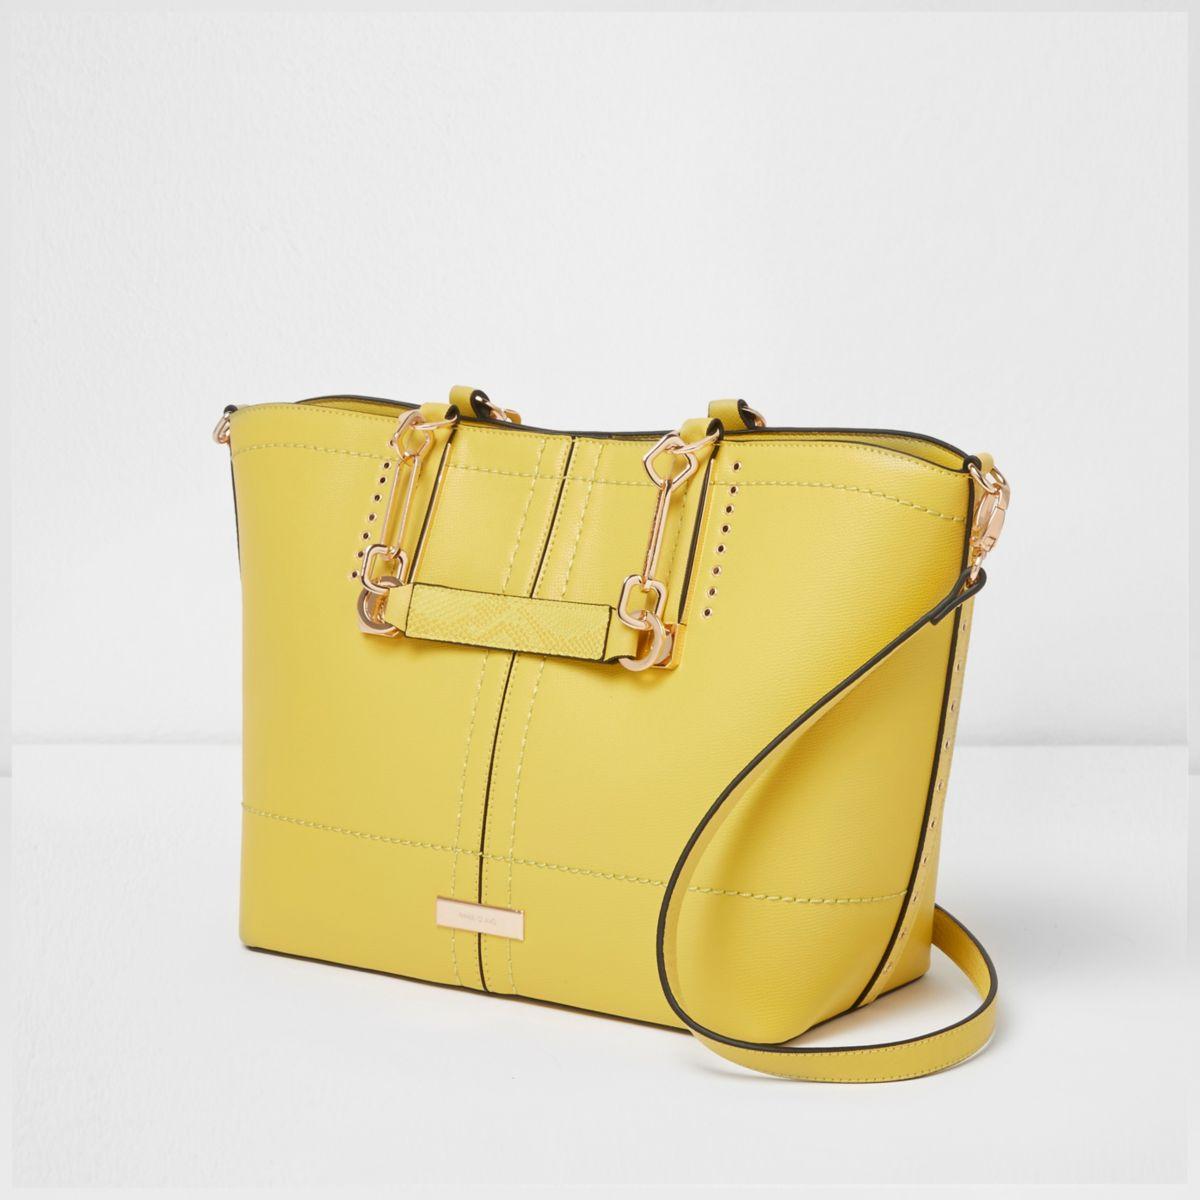 Gele handtas met zij-inzetten